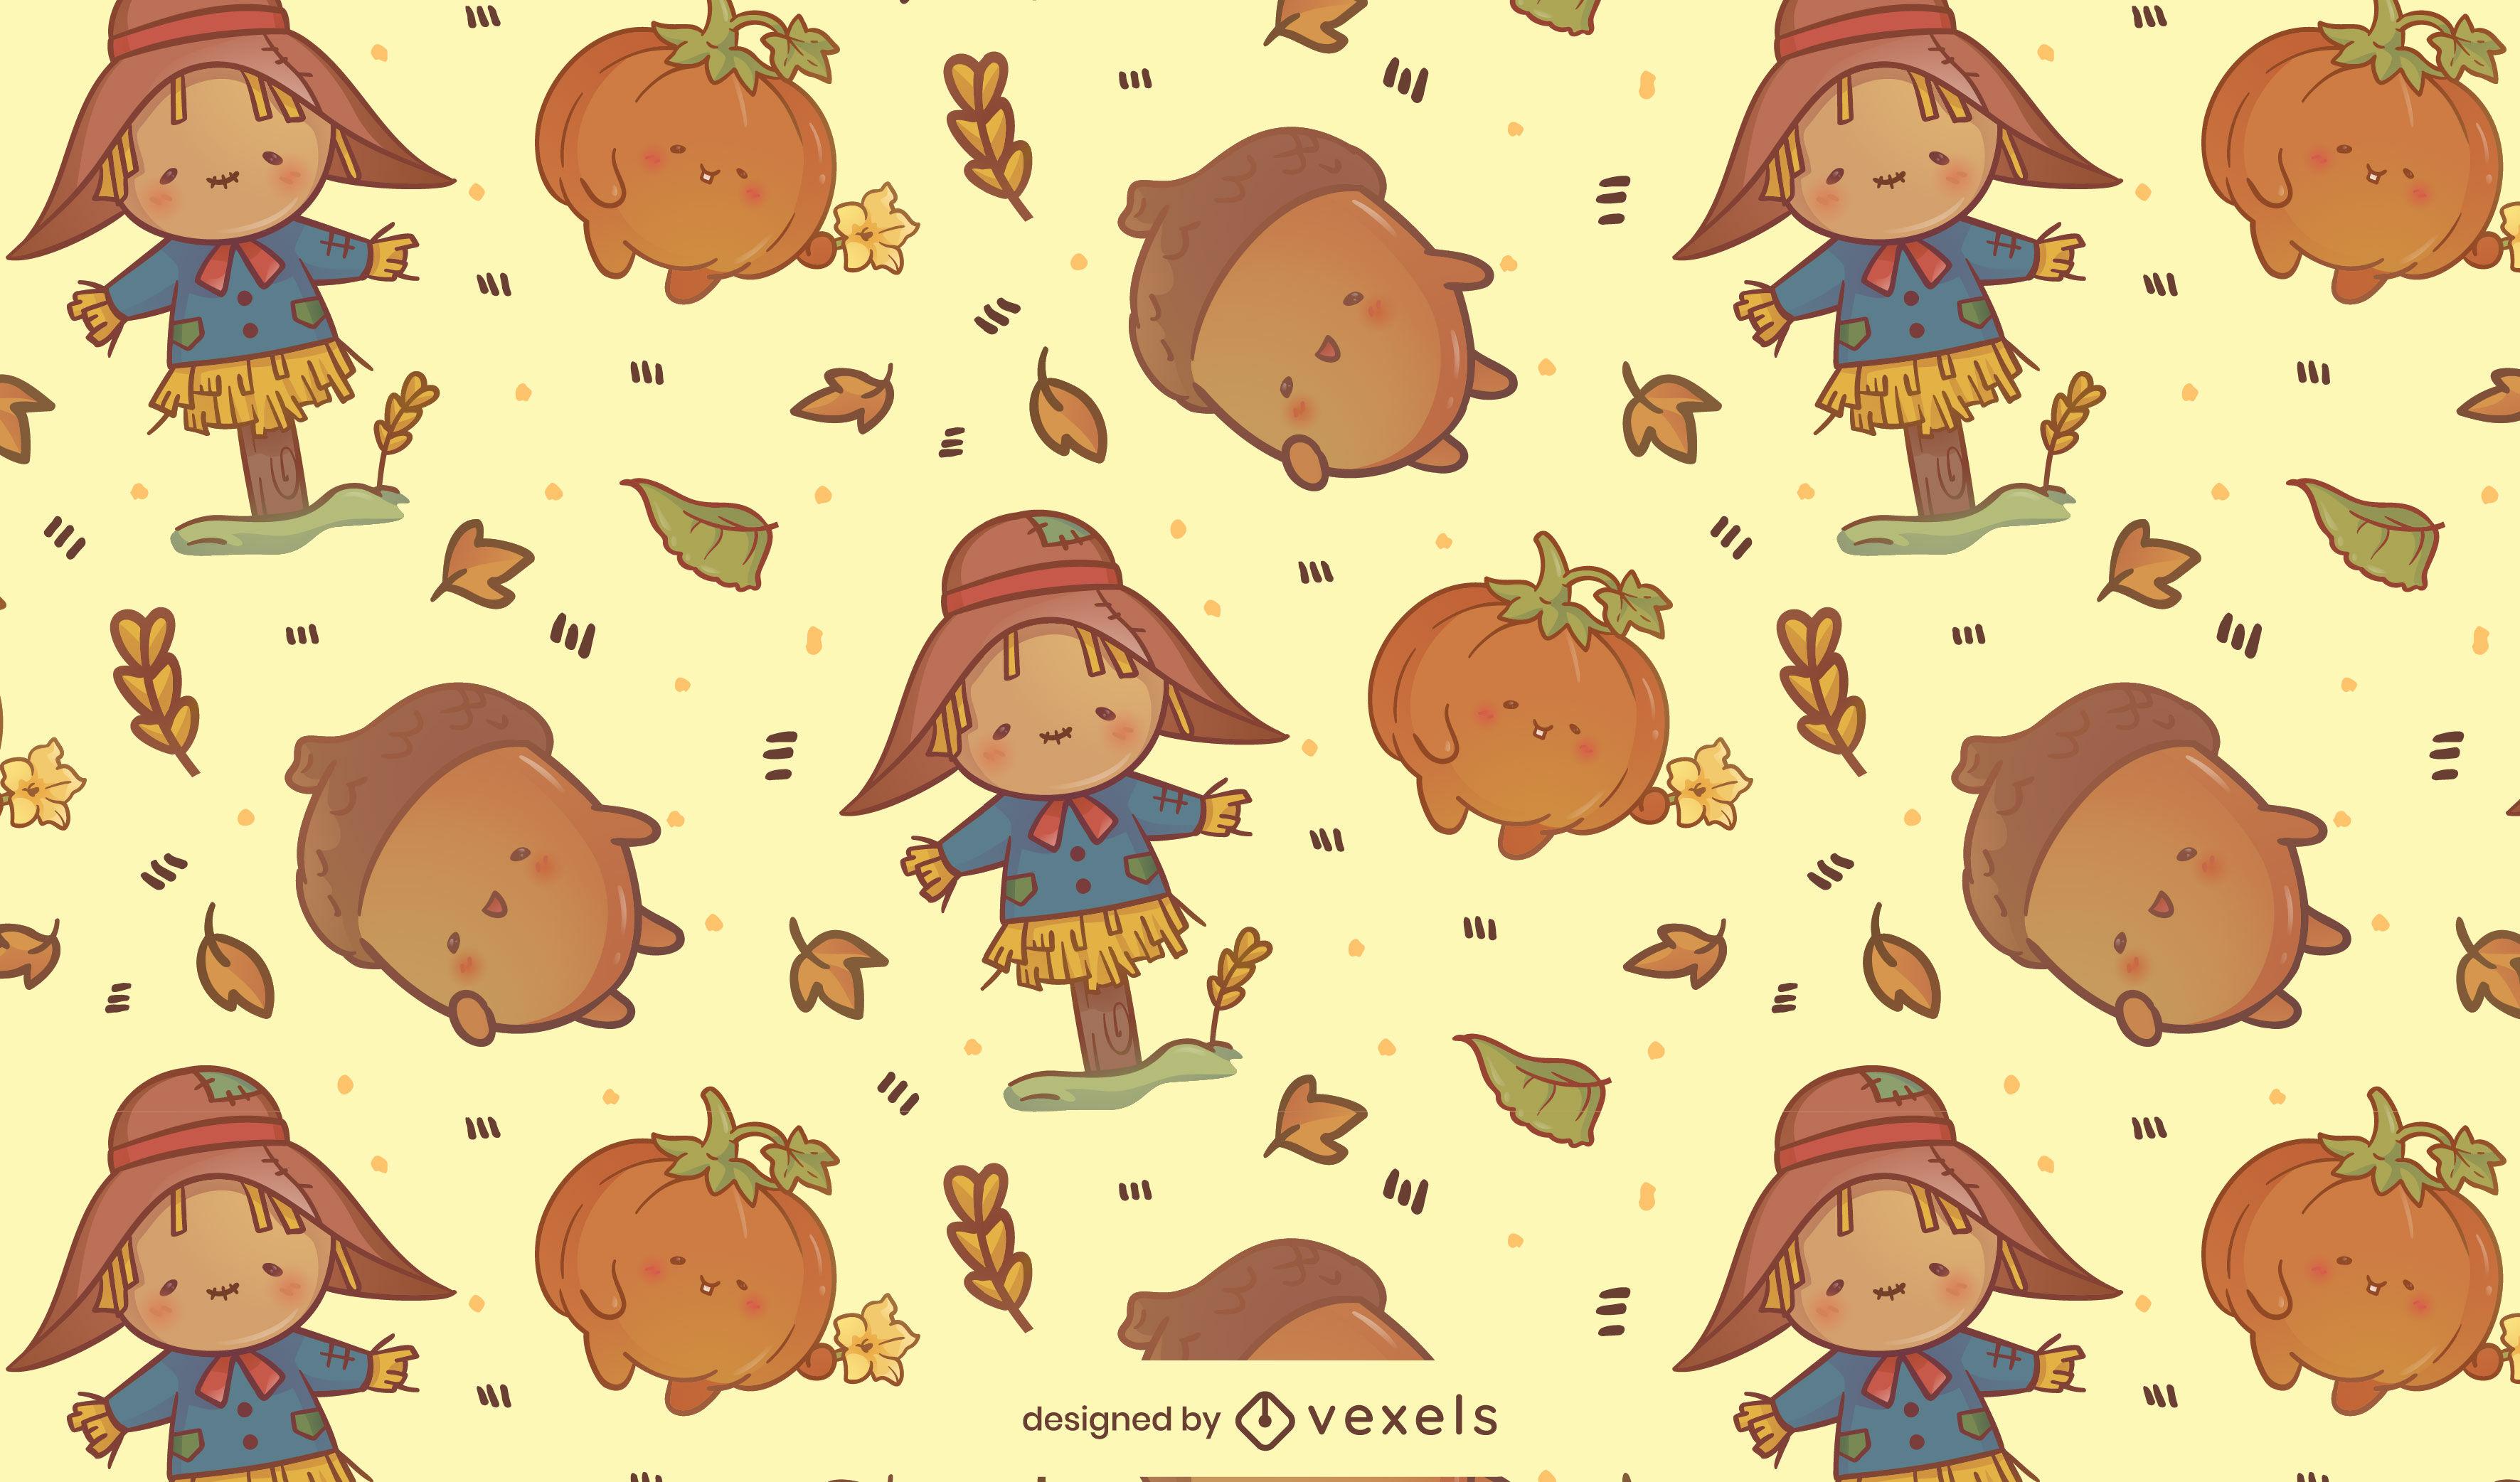 Projeto do padrão da temporada de outono do espantalho kawaii